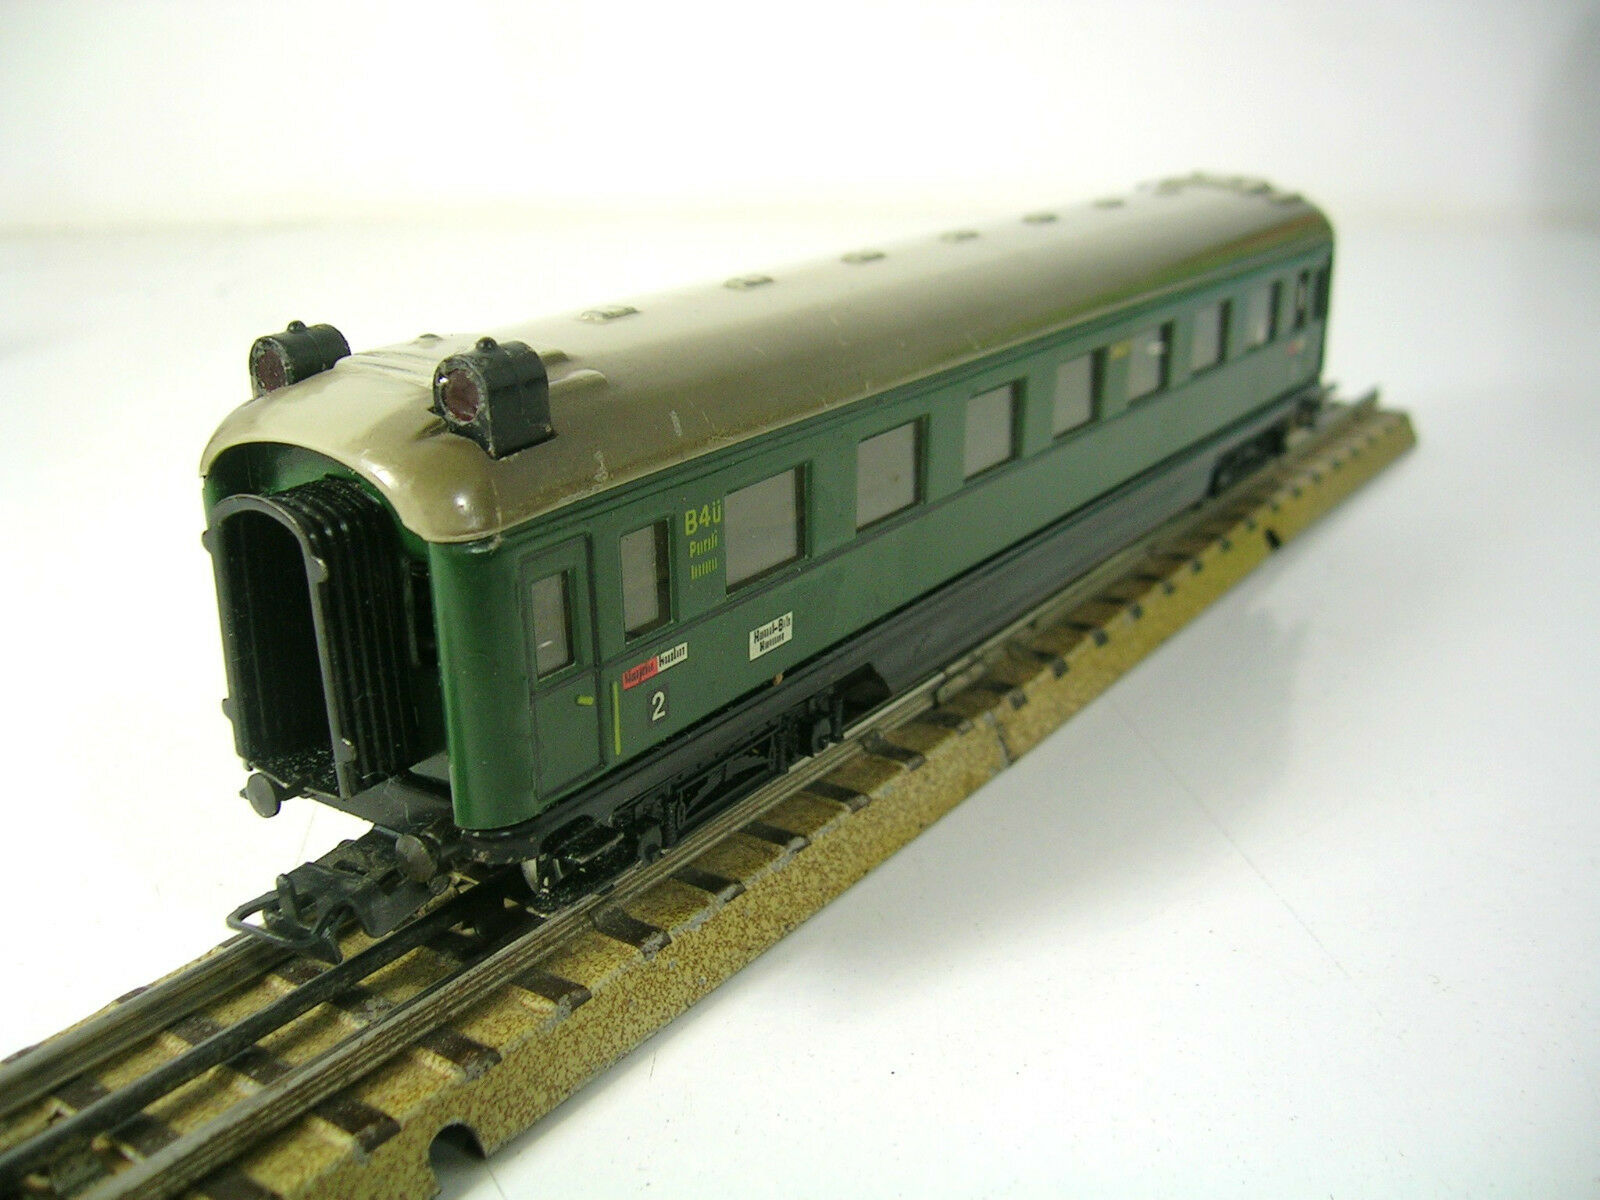 h0 00 vagoni 346/1 BS 4007 1955 Top 800